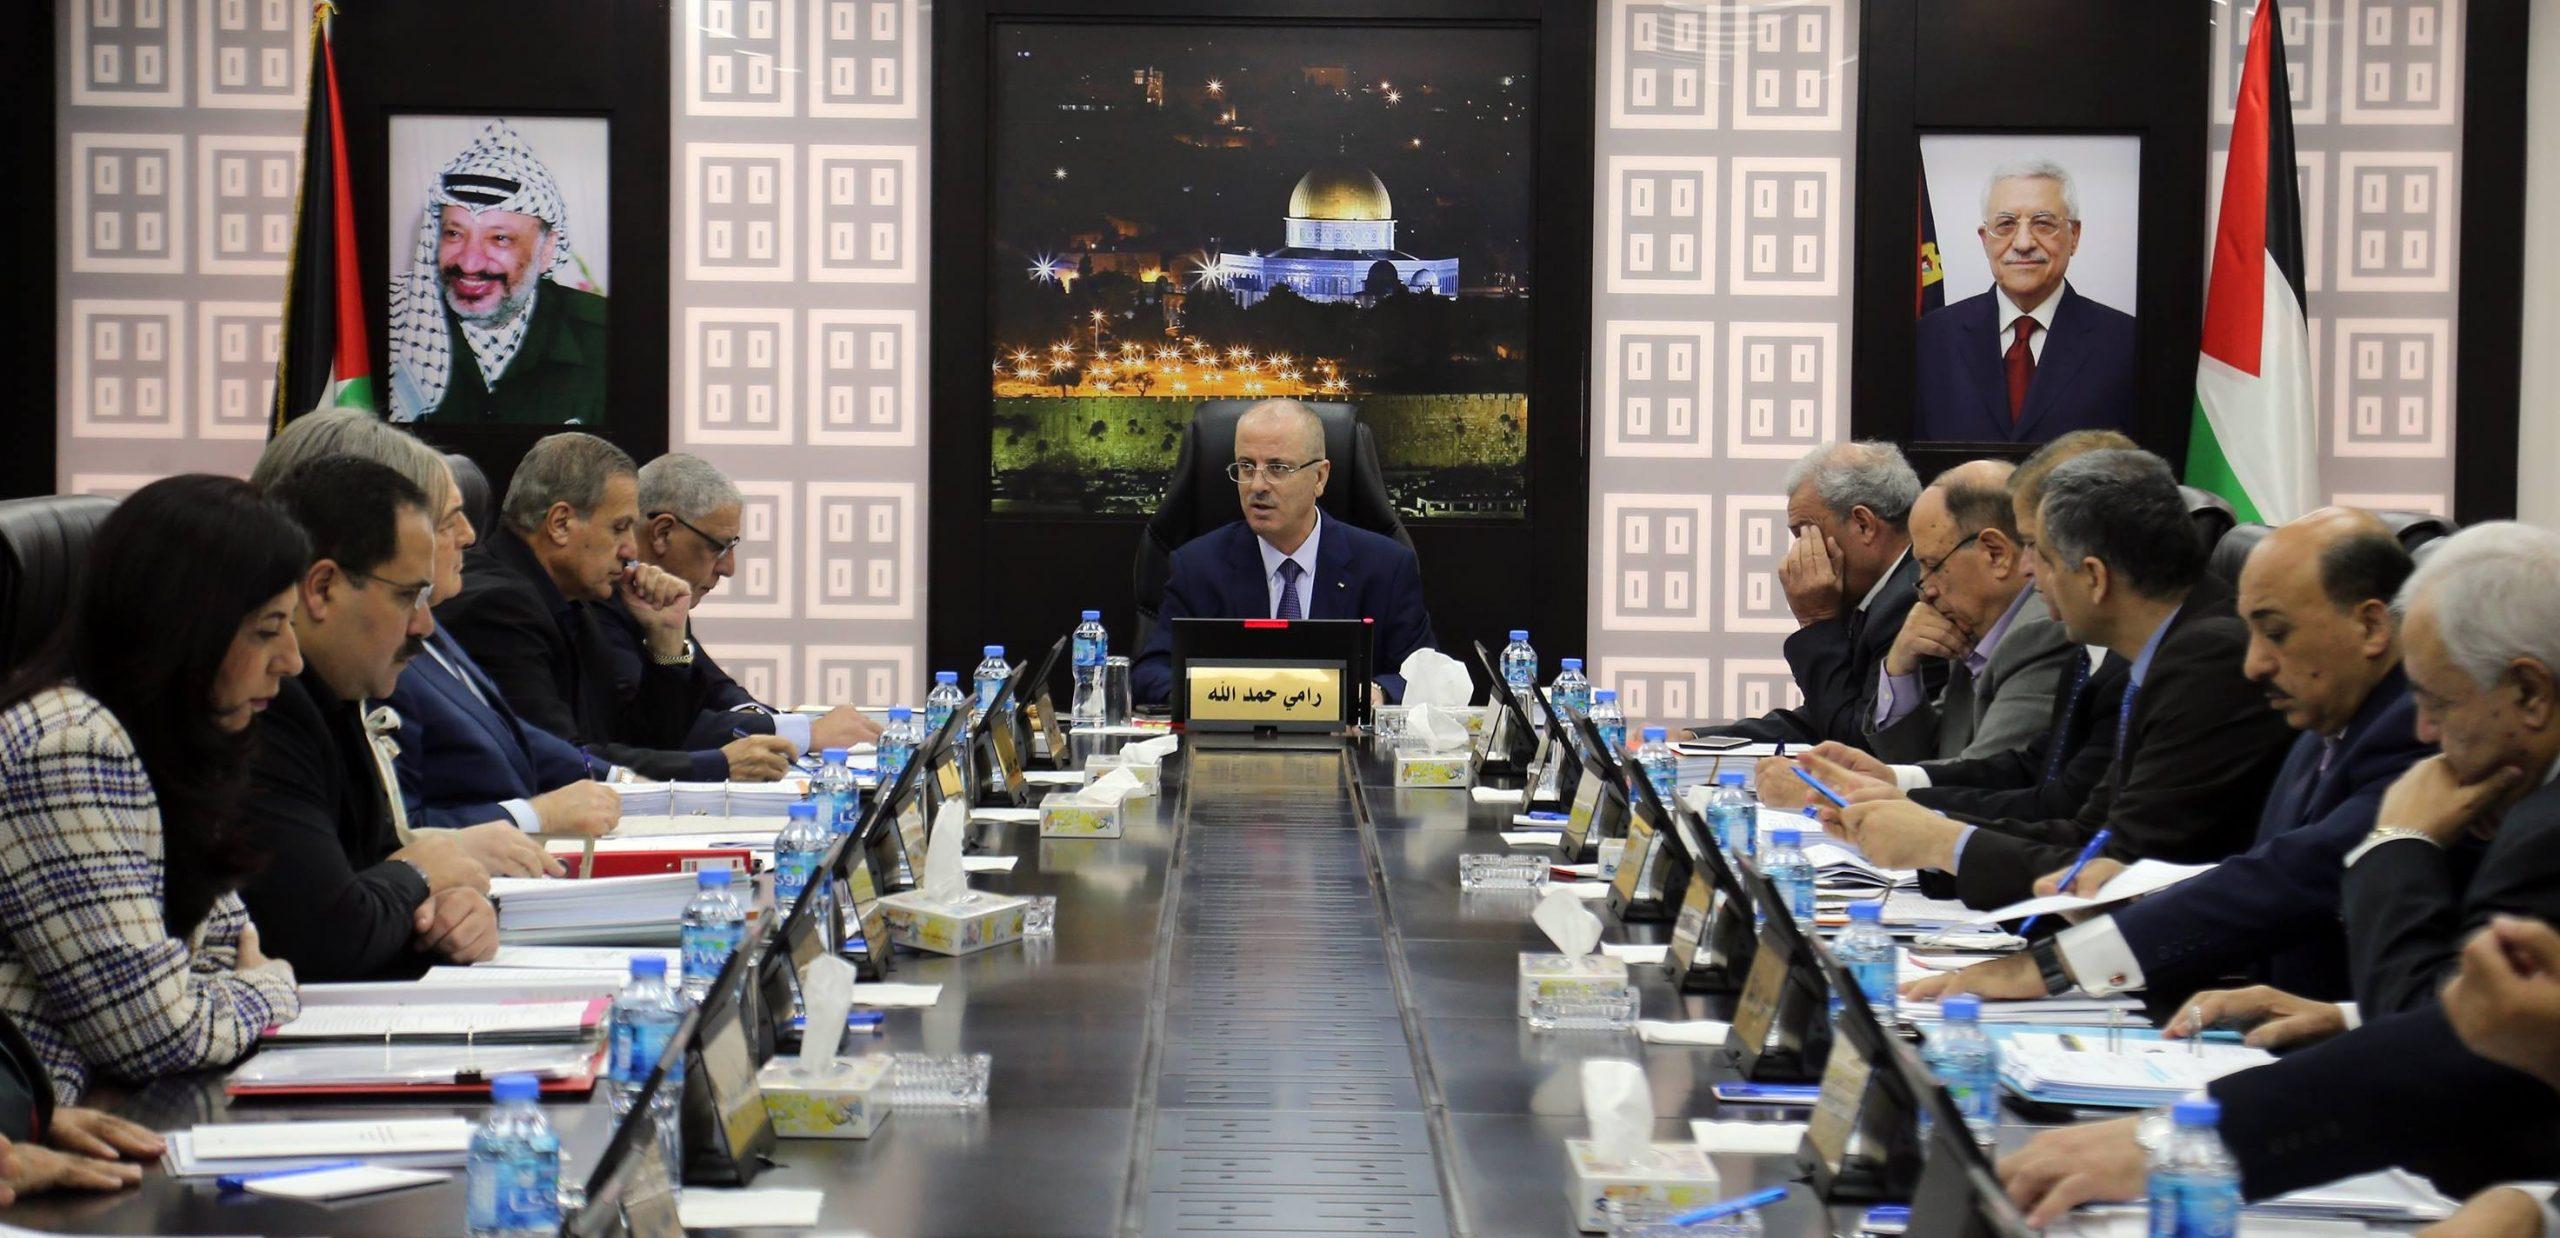 صورة الحكومة الفلسطينية تصادق على استراتيجية أمنية جديدة